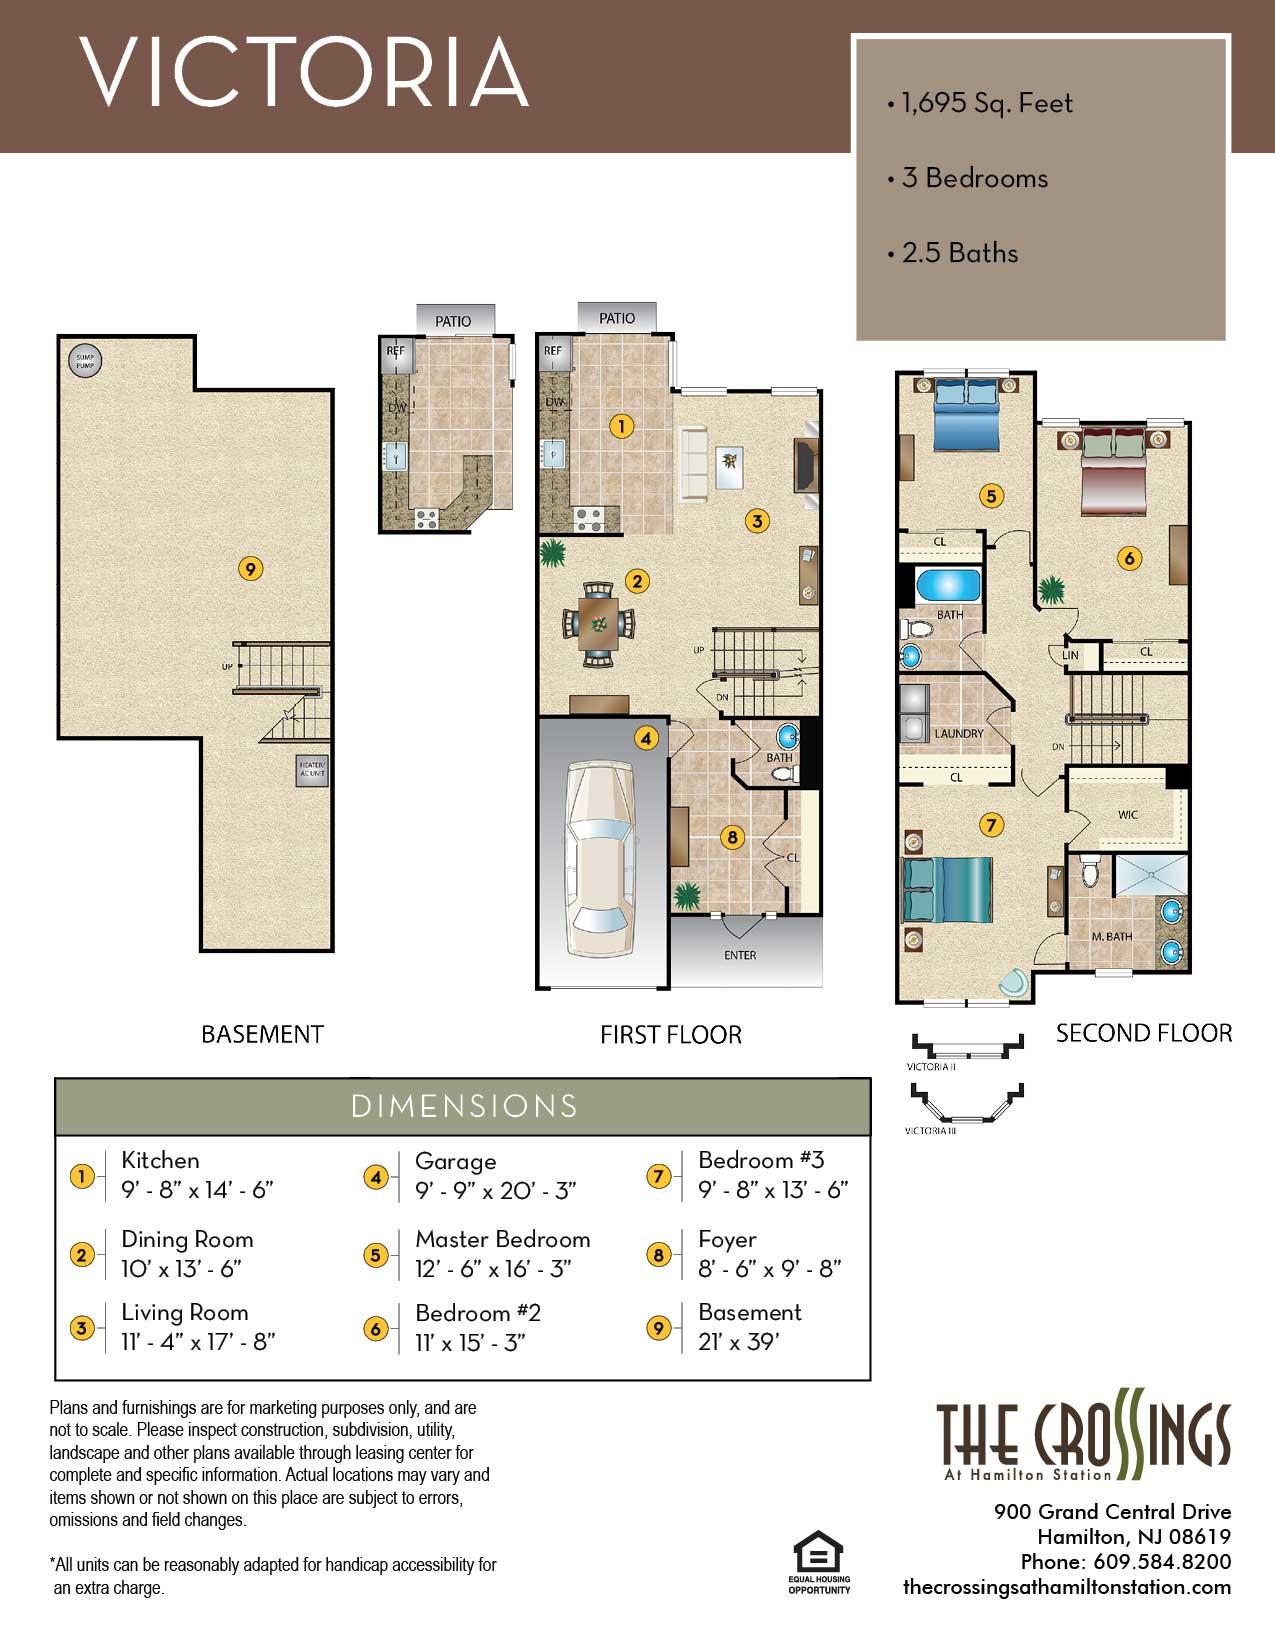 The Victoria Floor Plan